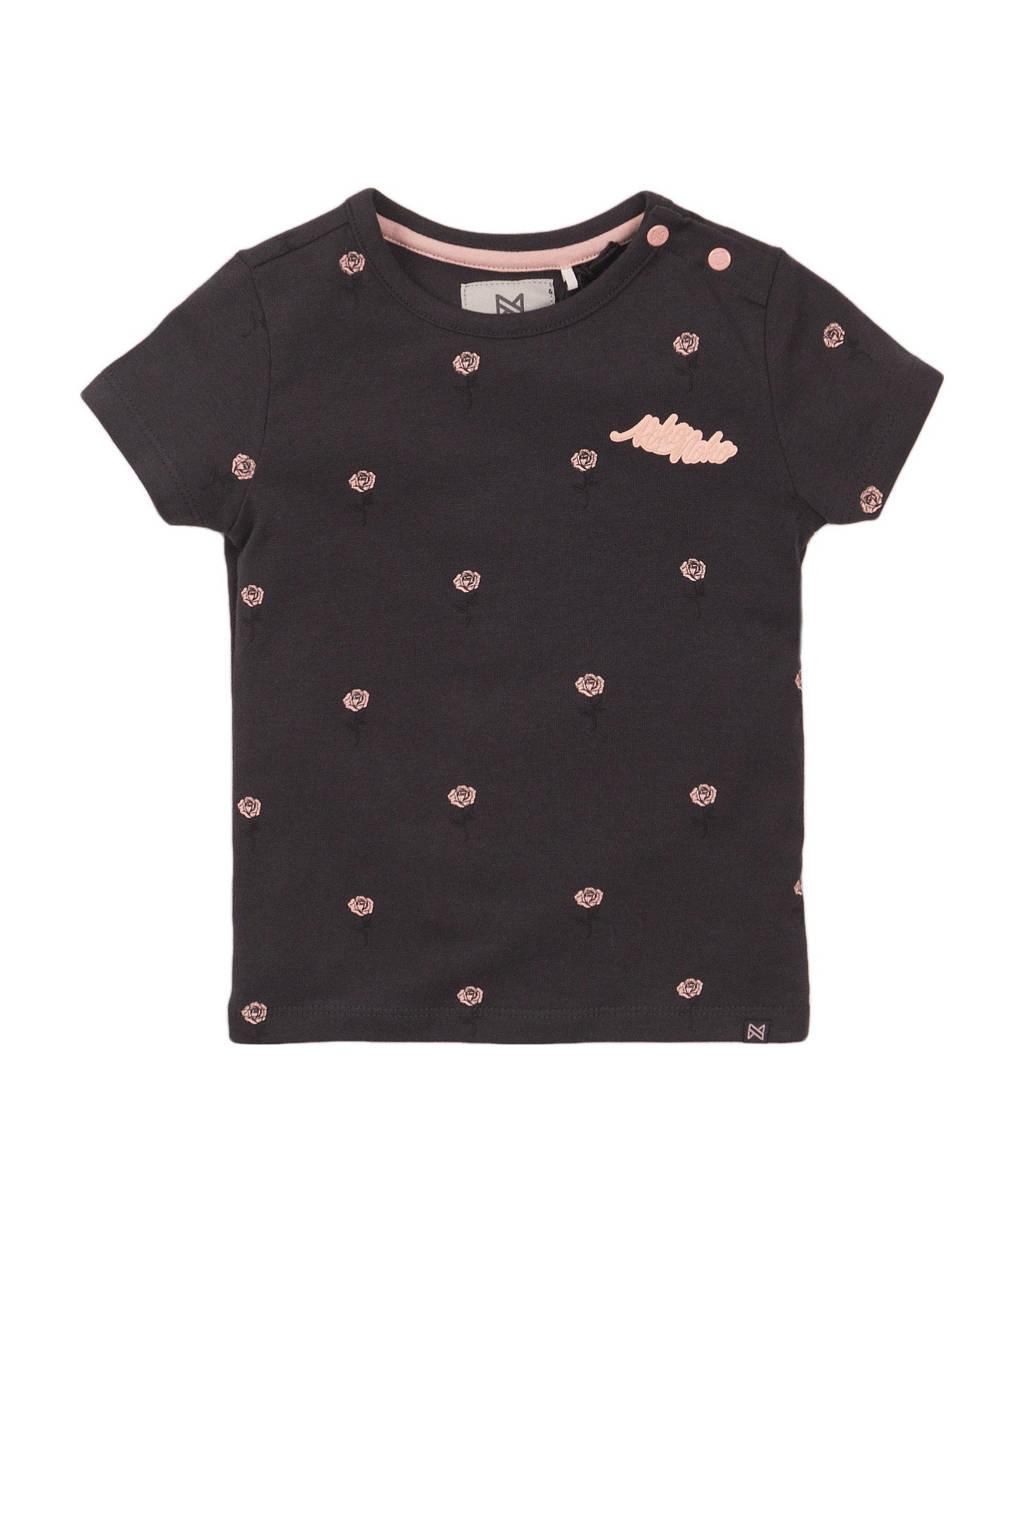 Koko Noko T-shirt met all over print antraciet/roze, Antraciet/roze